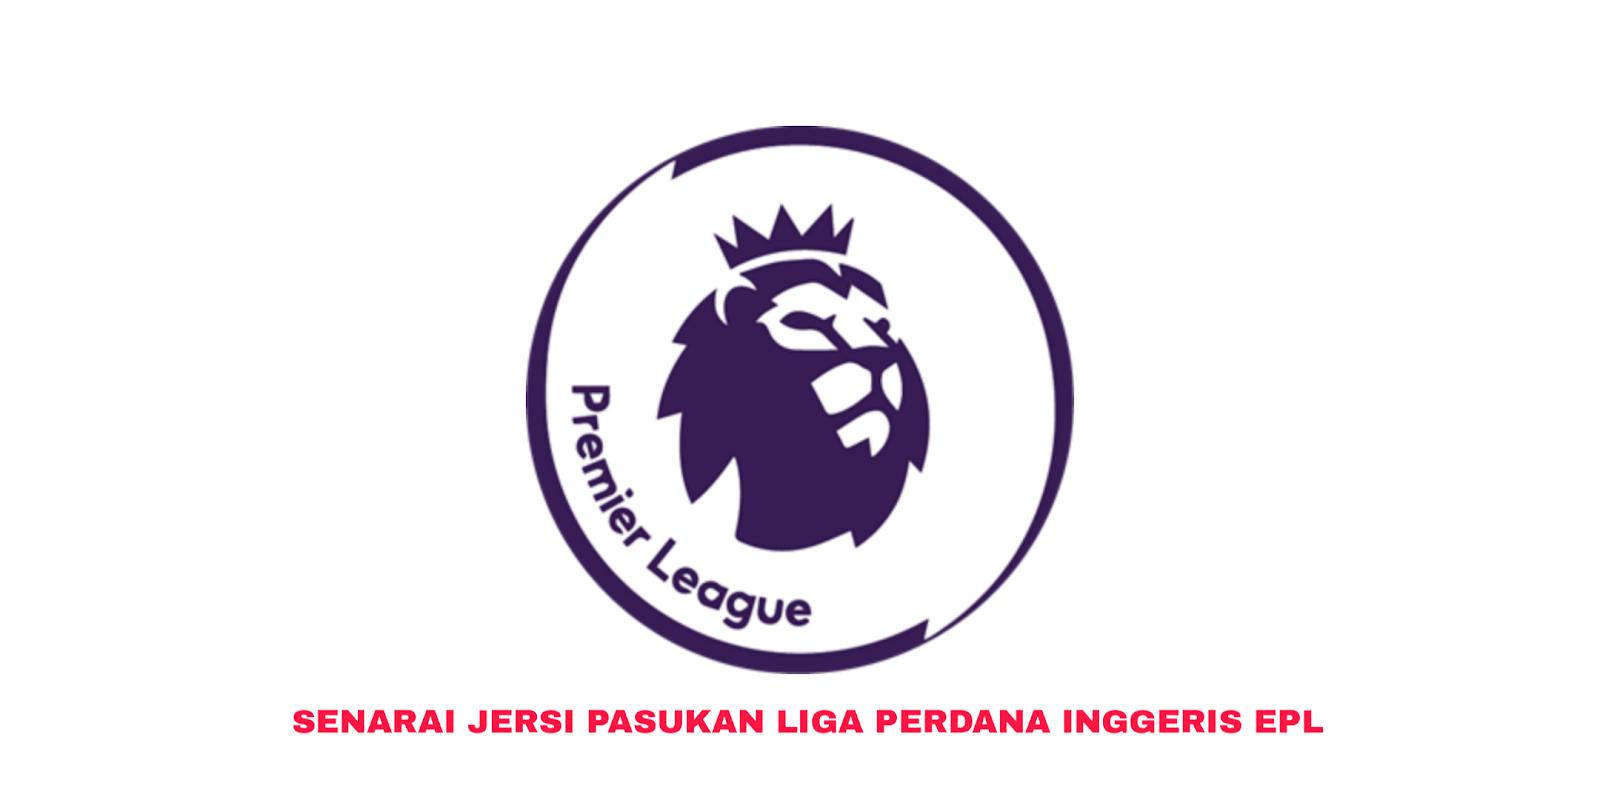 Senarai Jersi Pasukan EPL 2019/2020